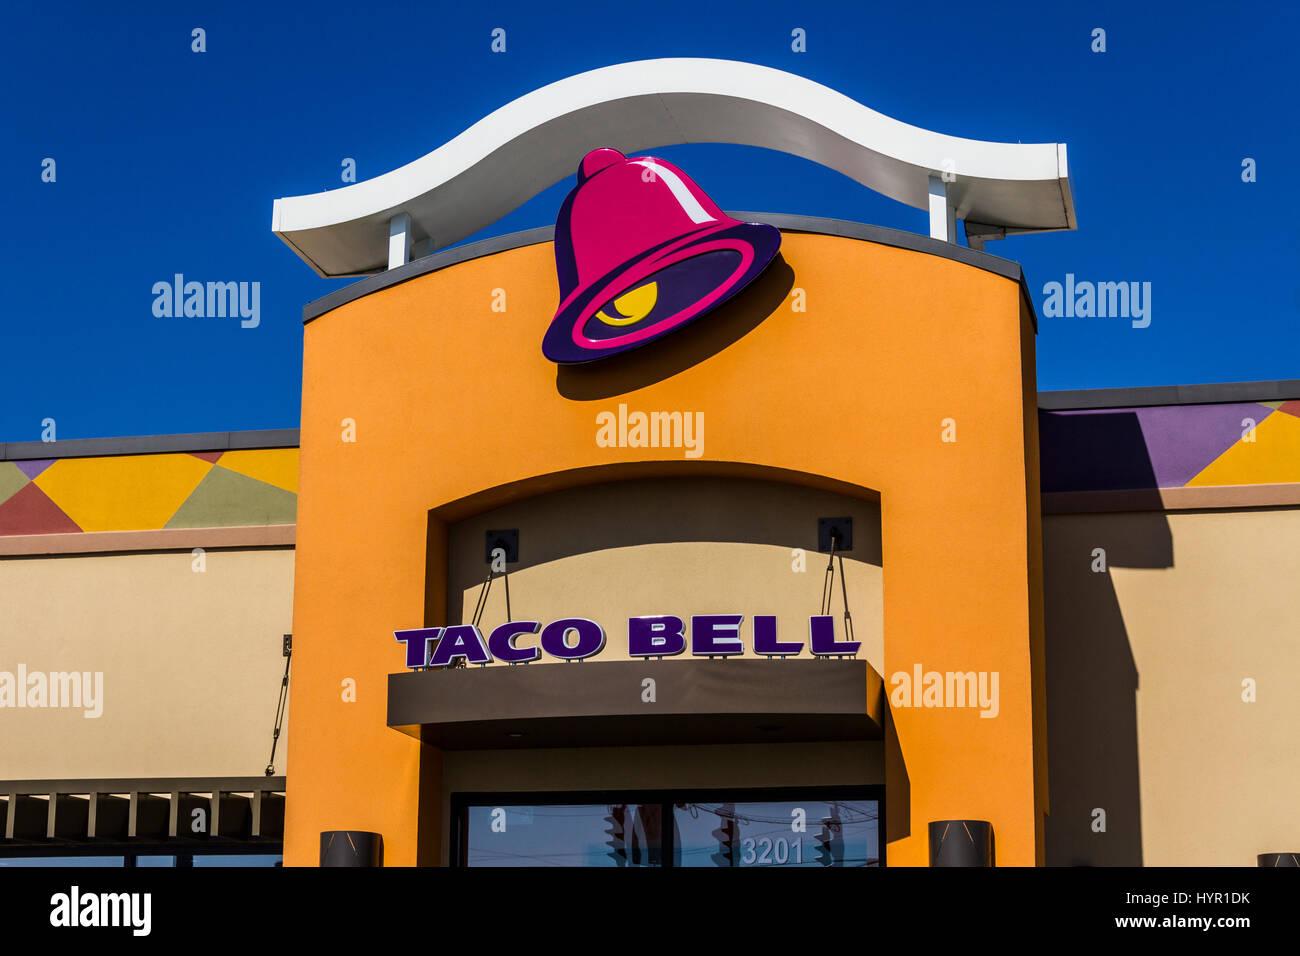 Chicken Kfc Stockfotos & Chicken Kfc Bilder - Seite 5 - Alamy